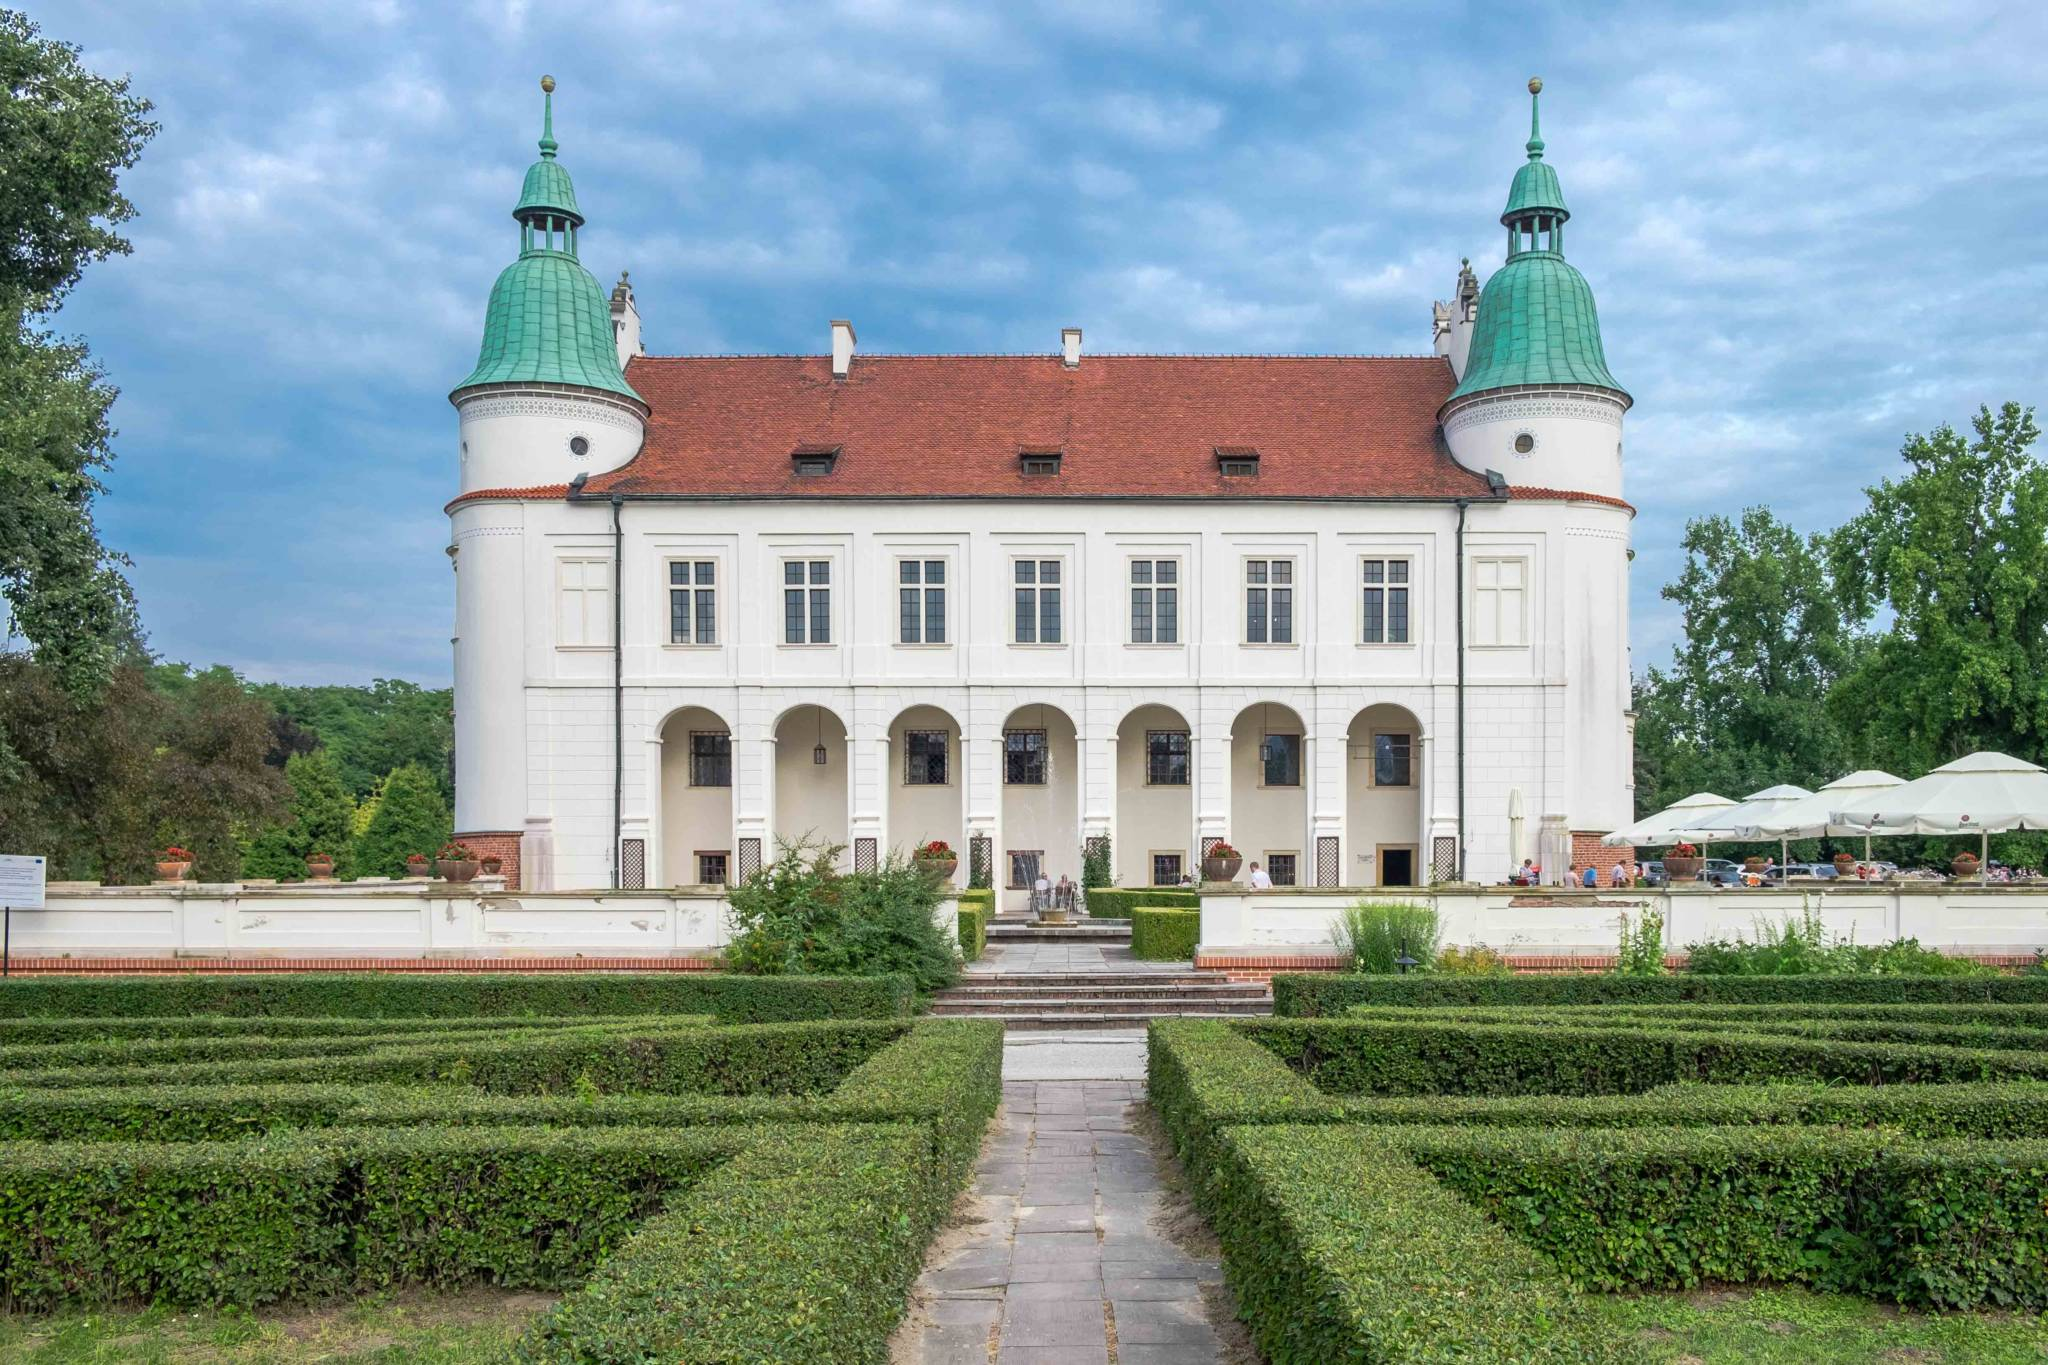 Zamek w Baranowie Sandomierskim (1)